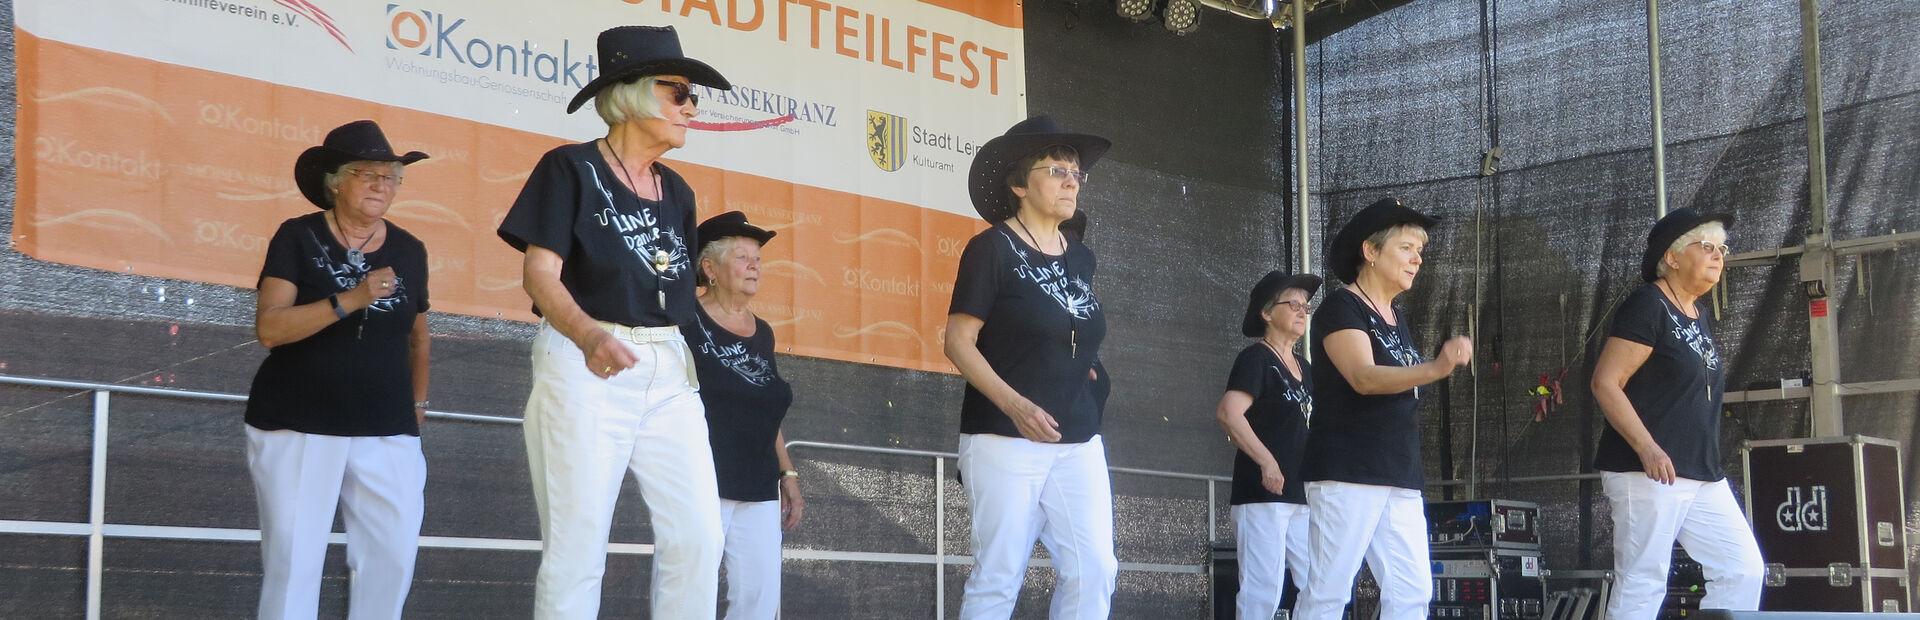 Aktive Senioren Leipzig Auftritt Line Dance